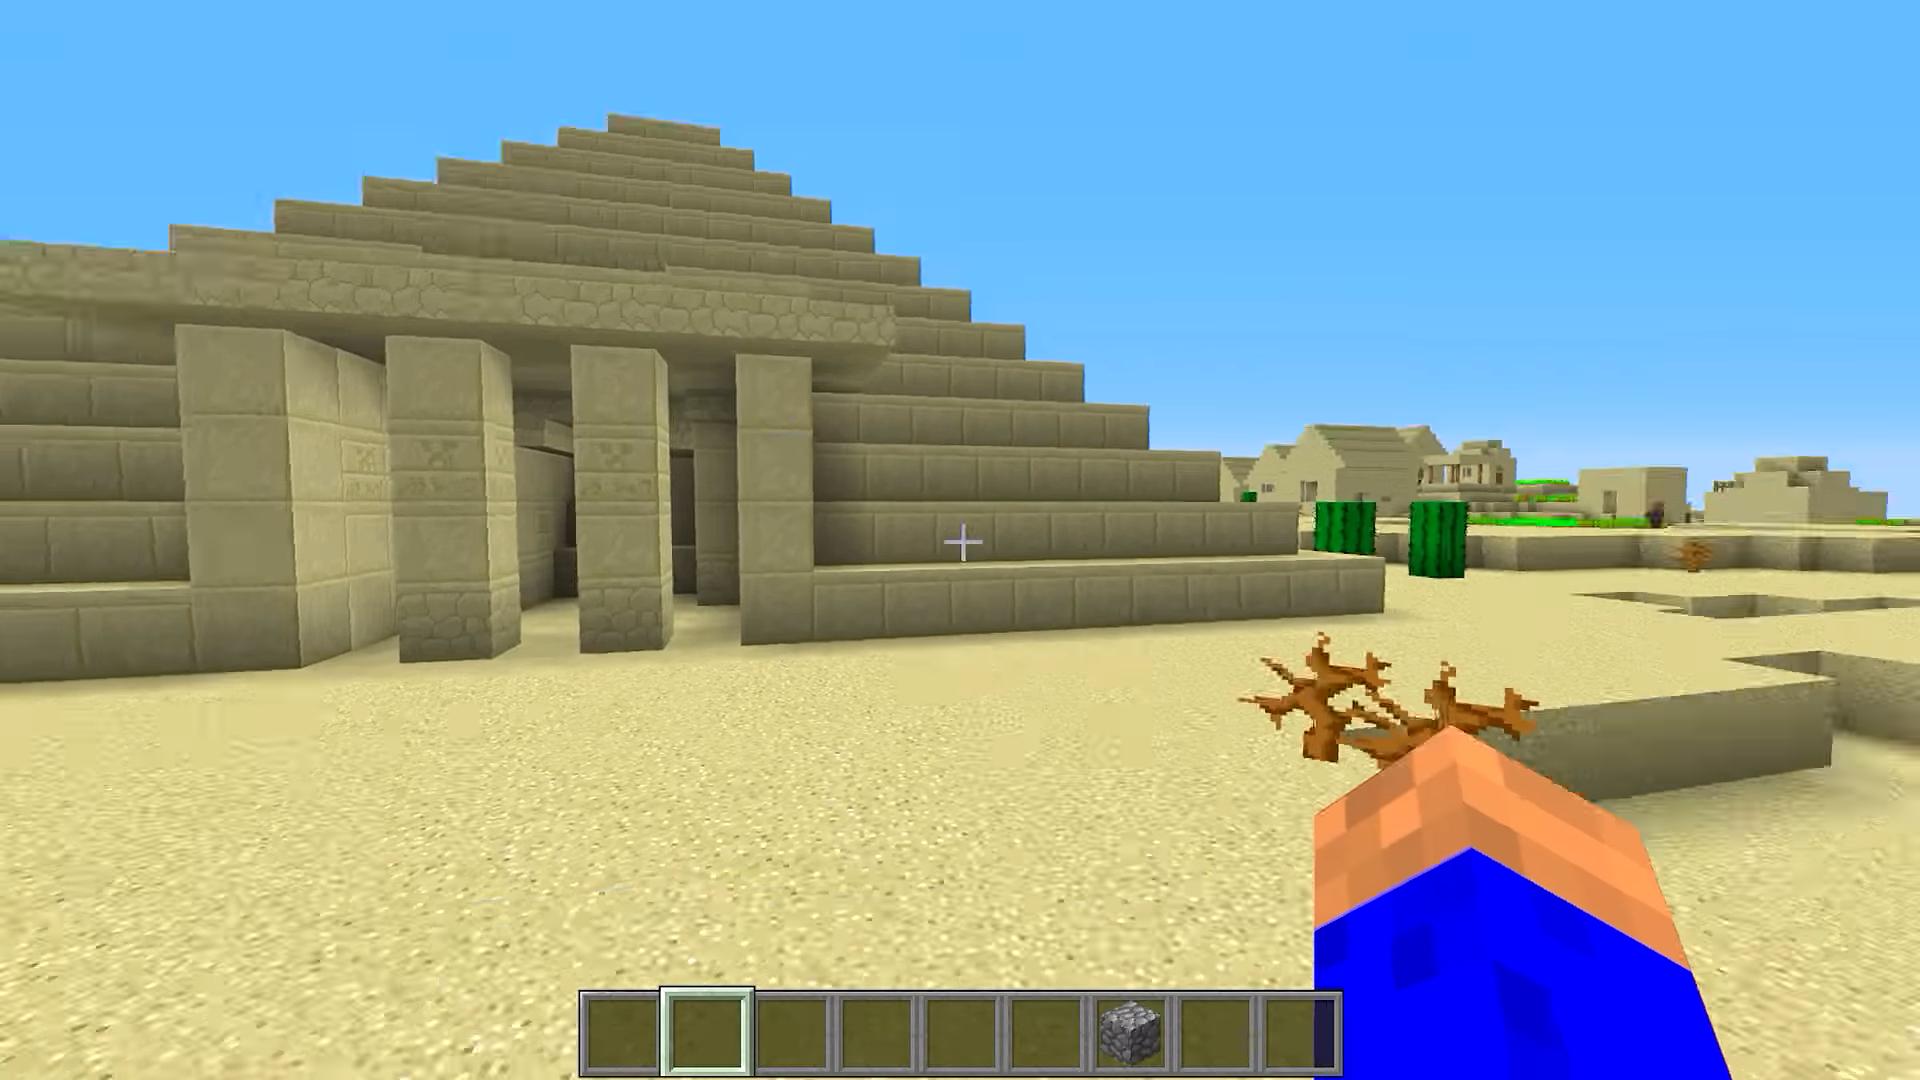 Мод Additional Structures (новые структуры) - скриншот 6